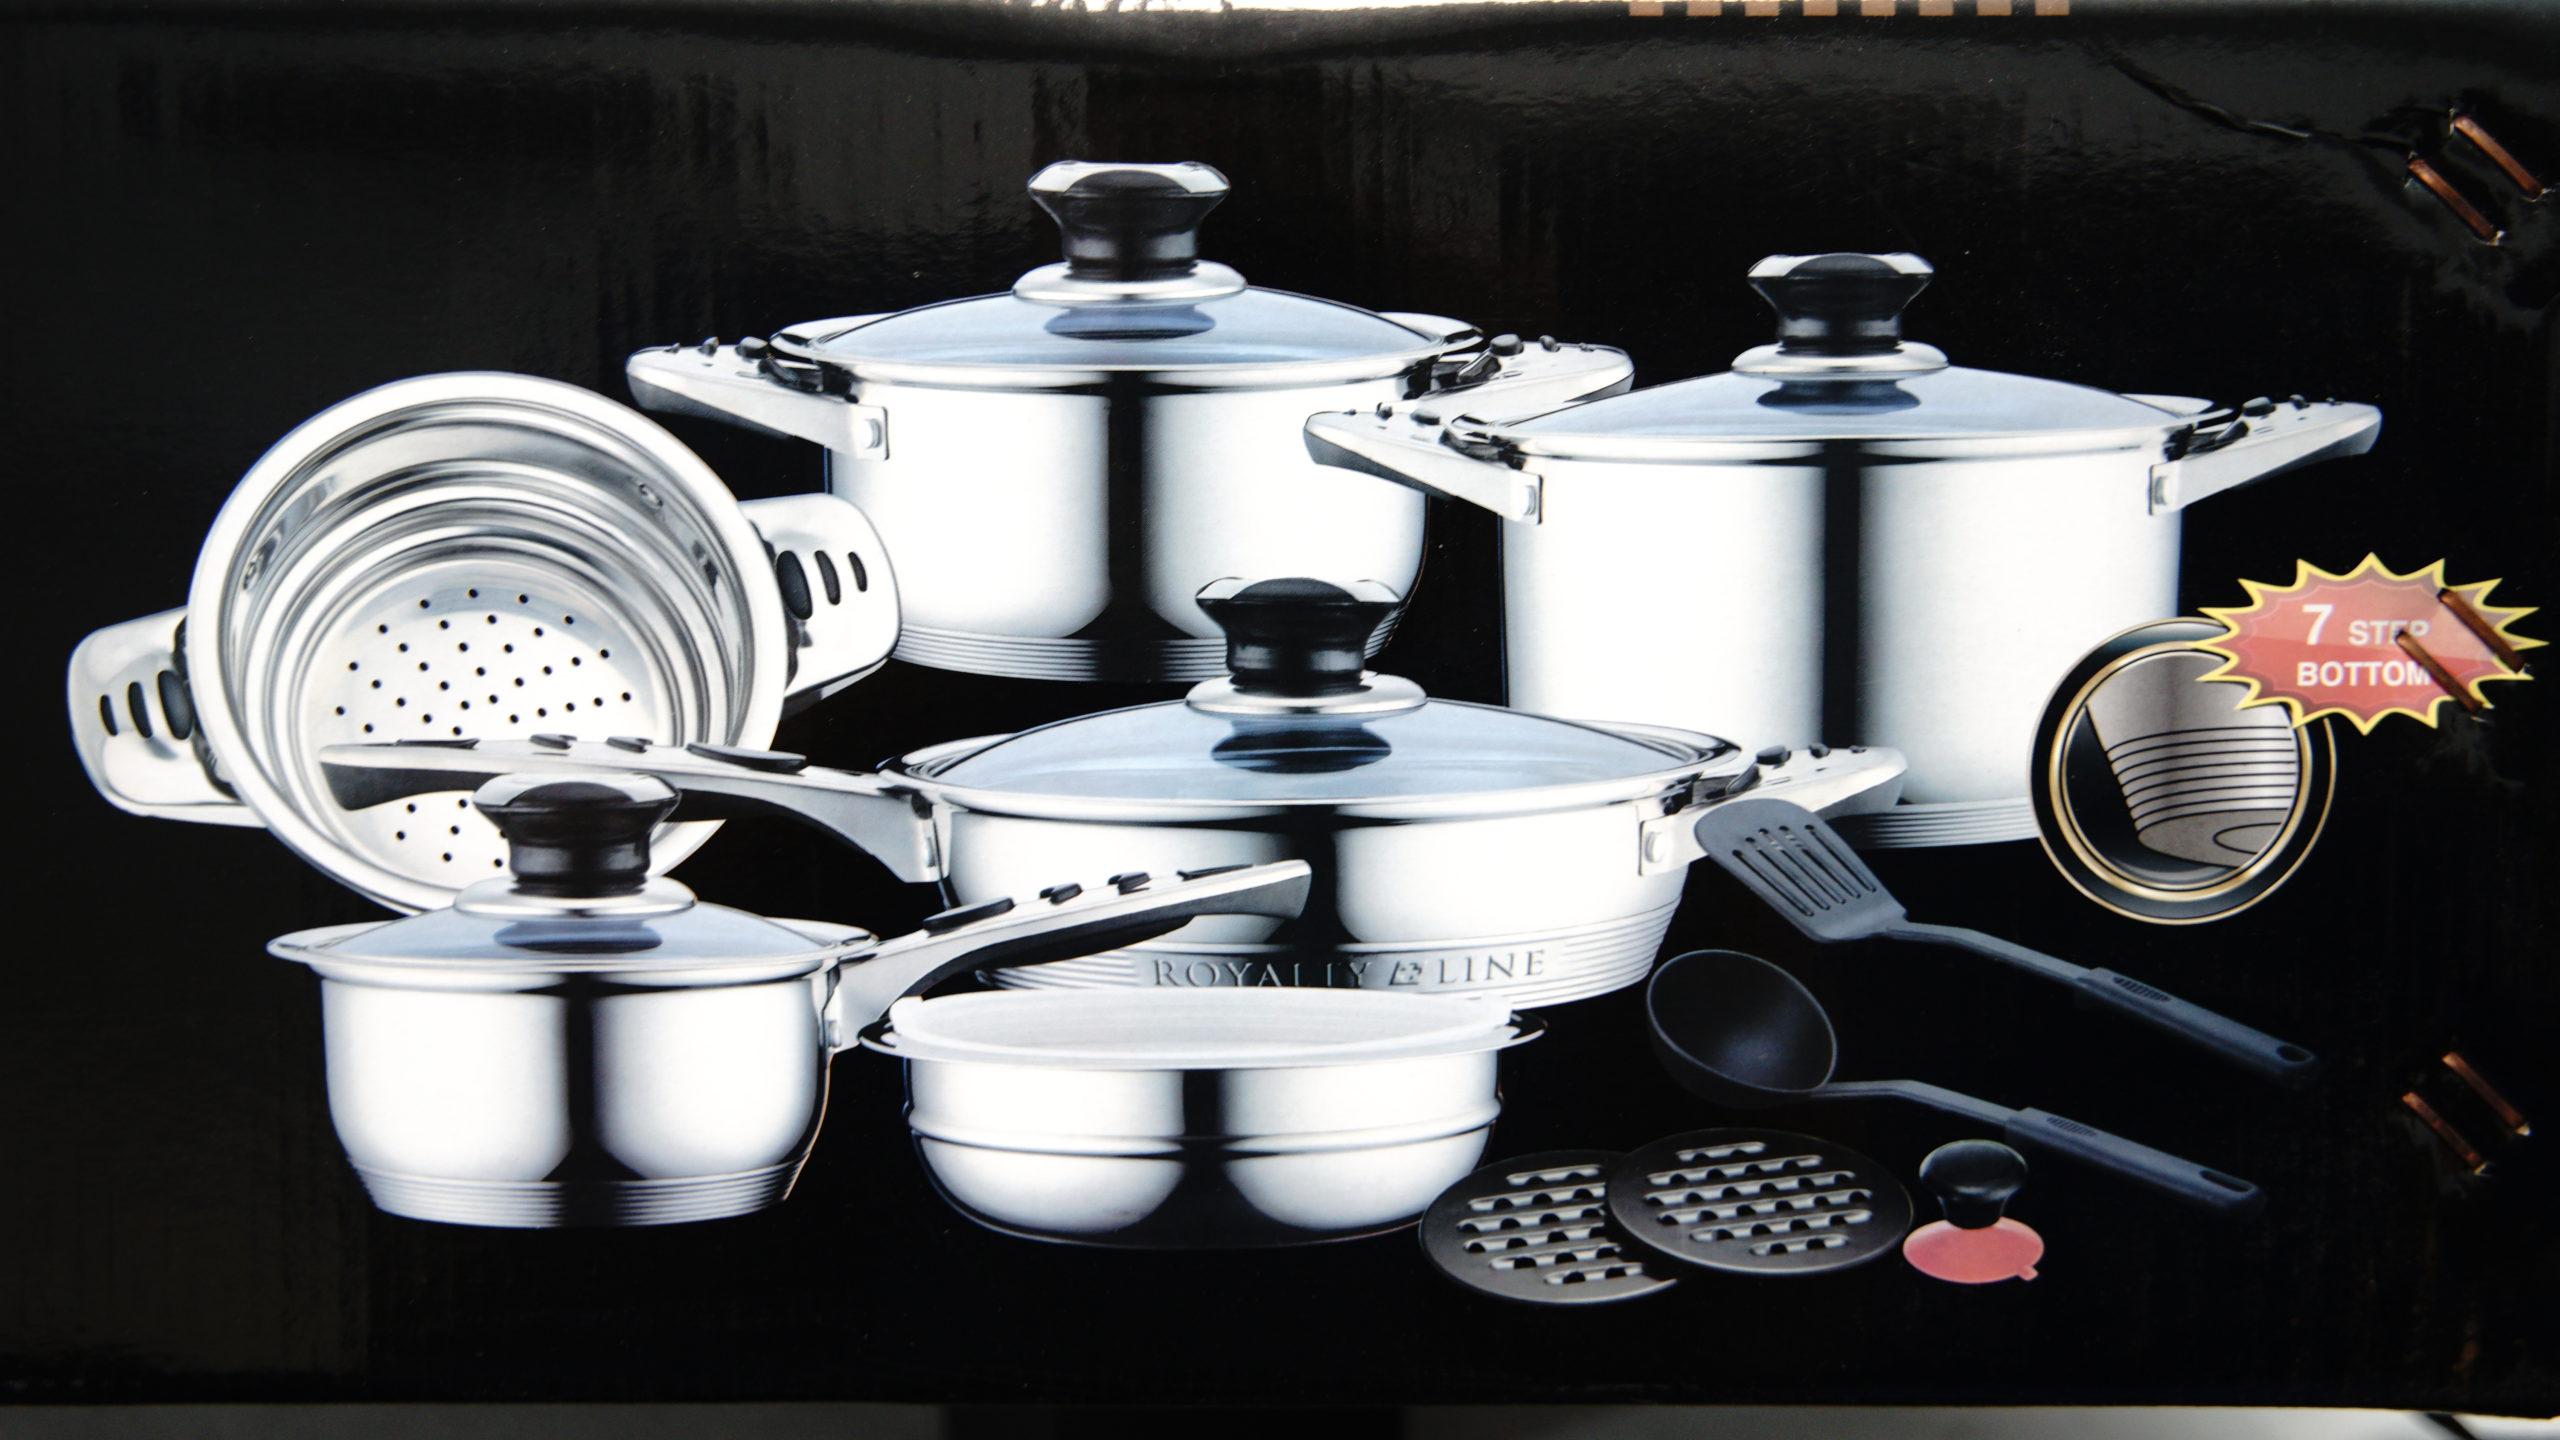 16 tlg Kochgeschirrset aus Edelstahl, Töpfe 7-Schicht-Boden und Glasdeckel